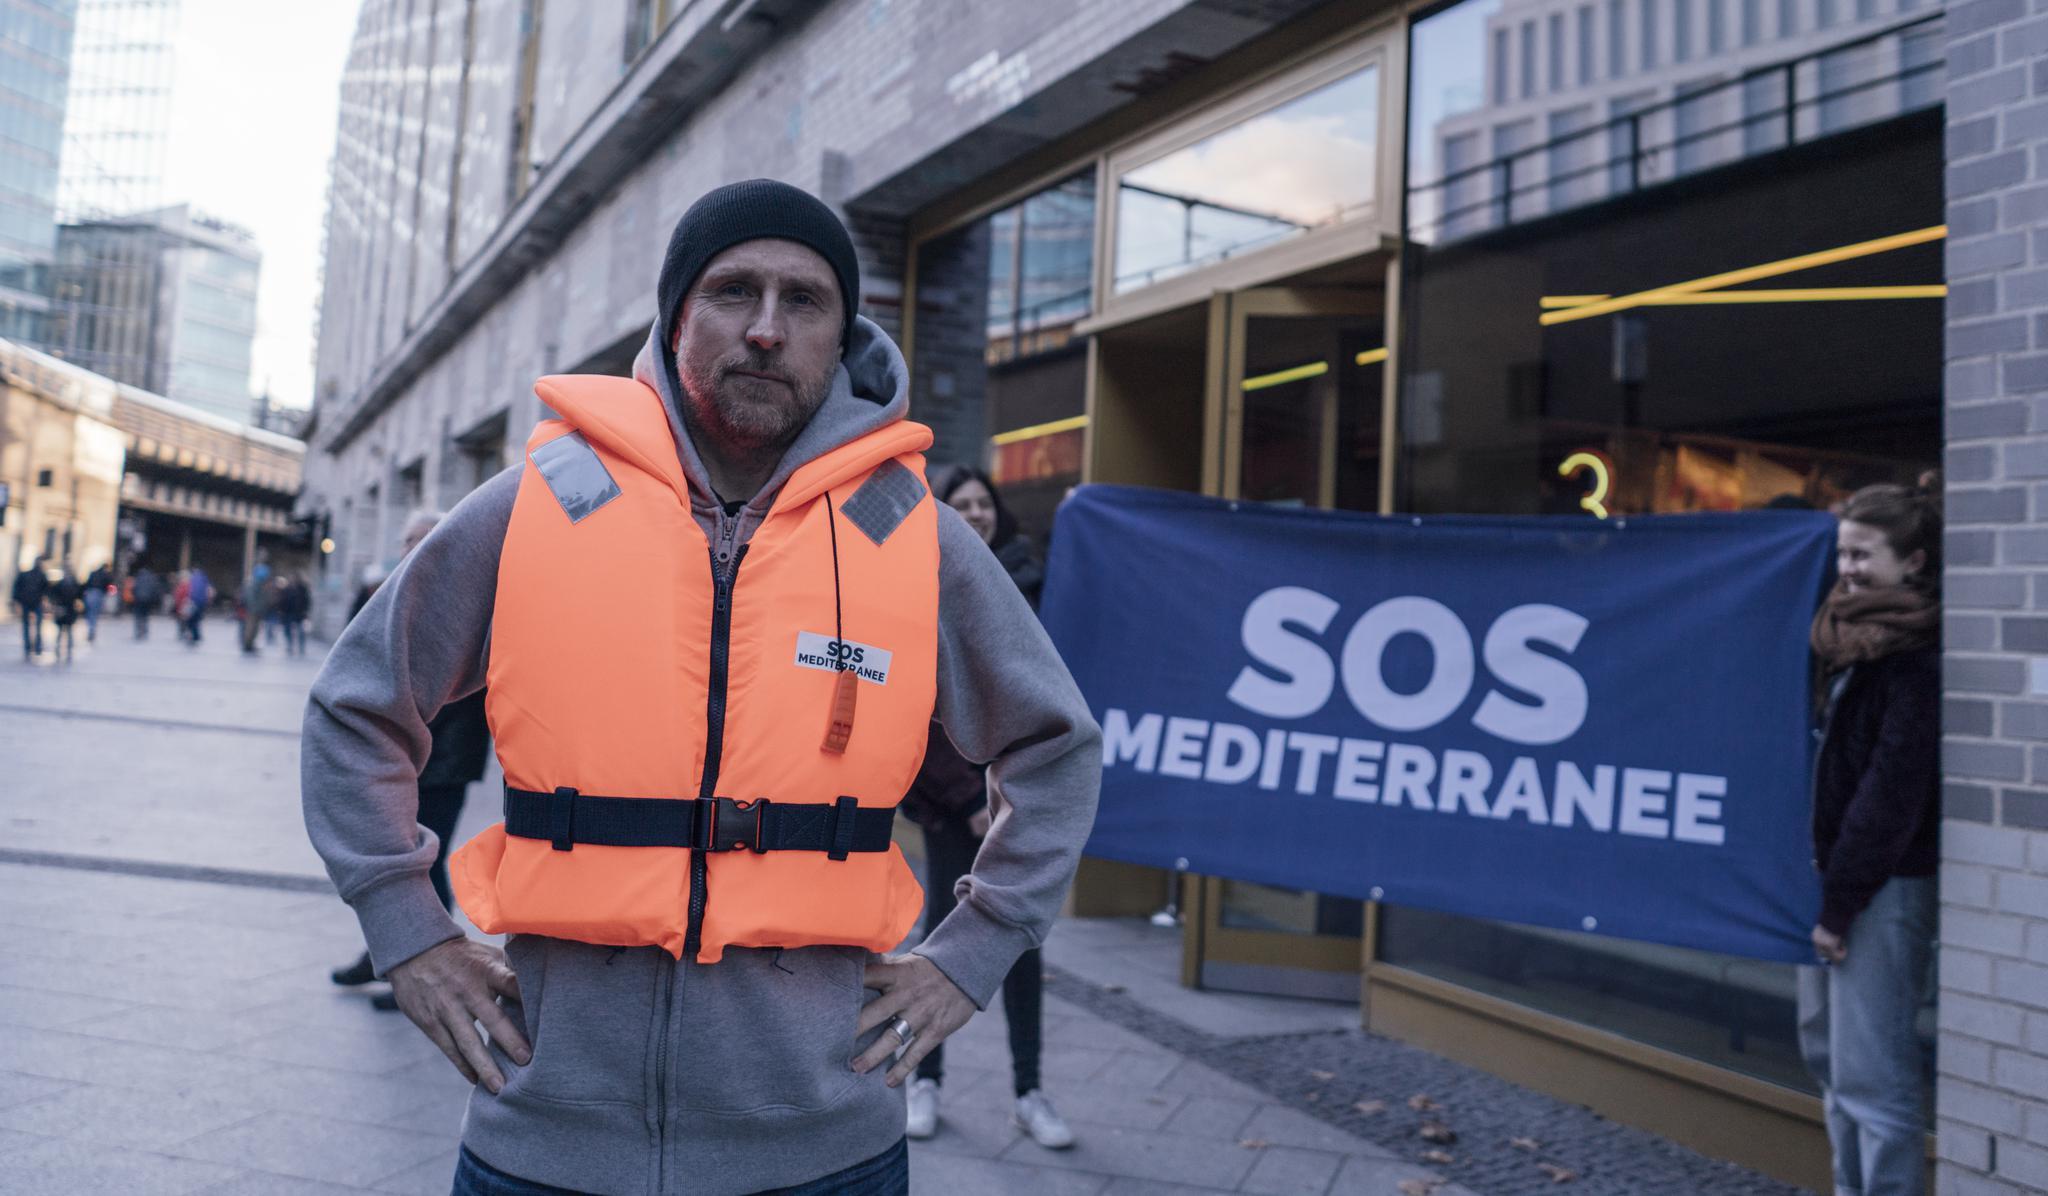 Der Schauspieler Bjarne Mädel in orangener Seerettungsweste vor einem Transparent von der Seerettungsorganisation SOS Mediteranee